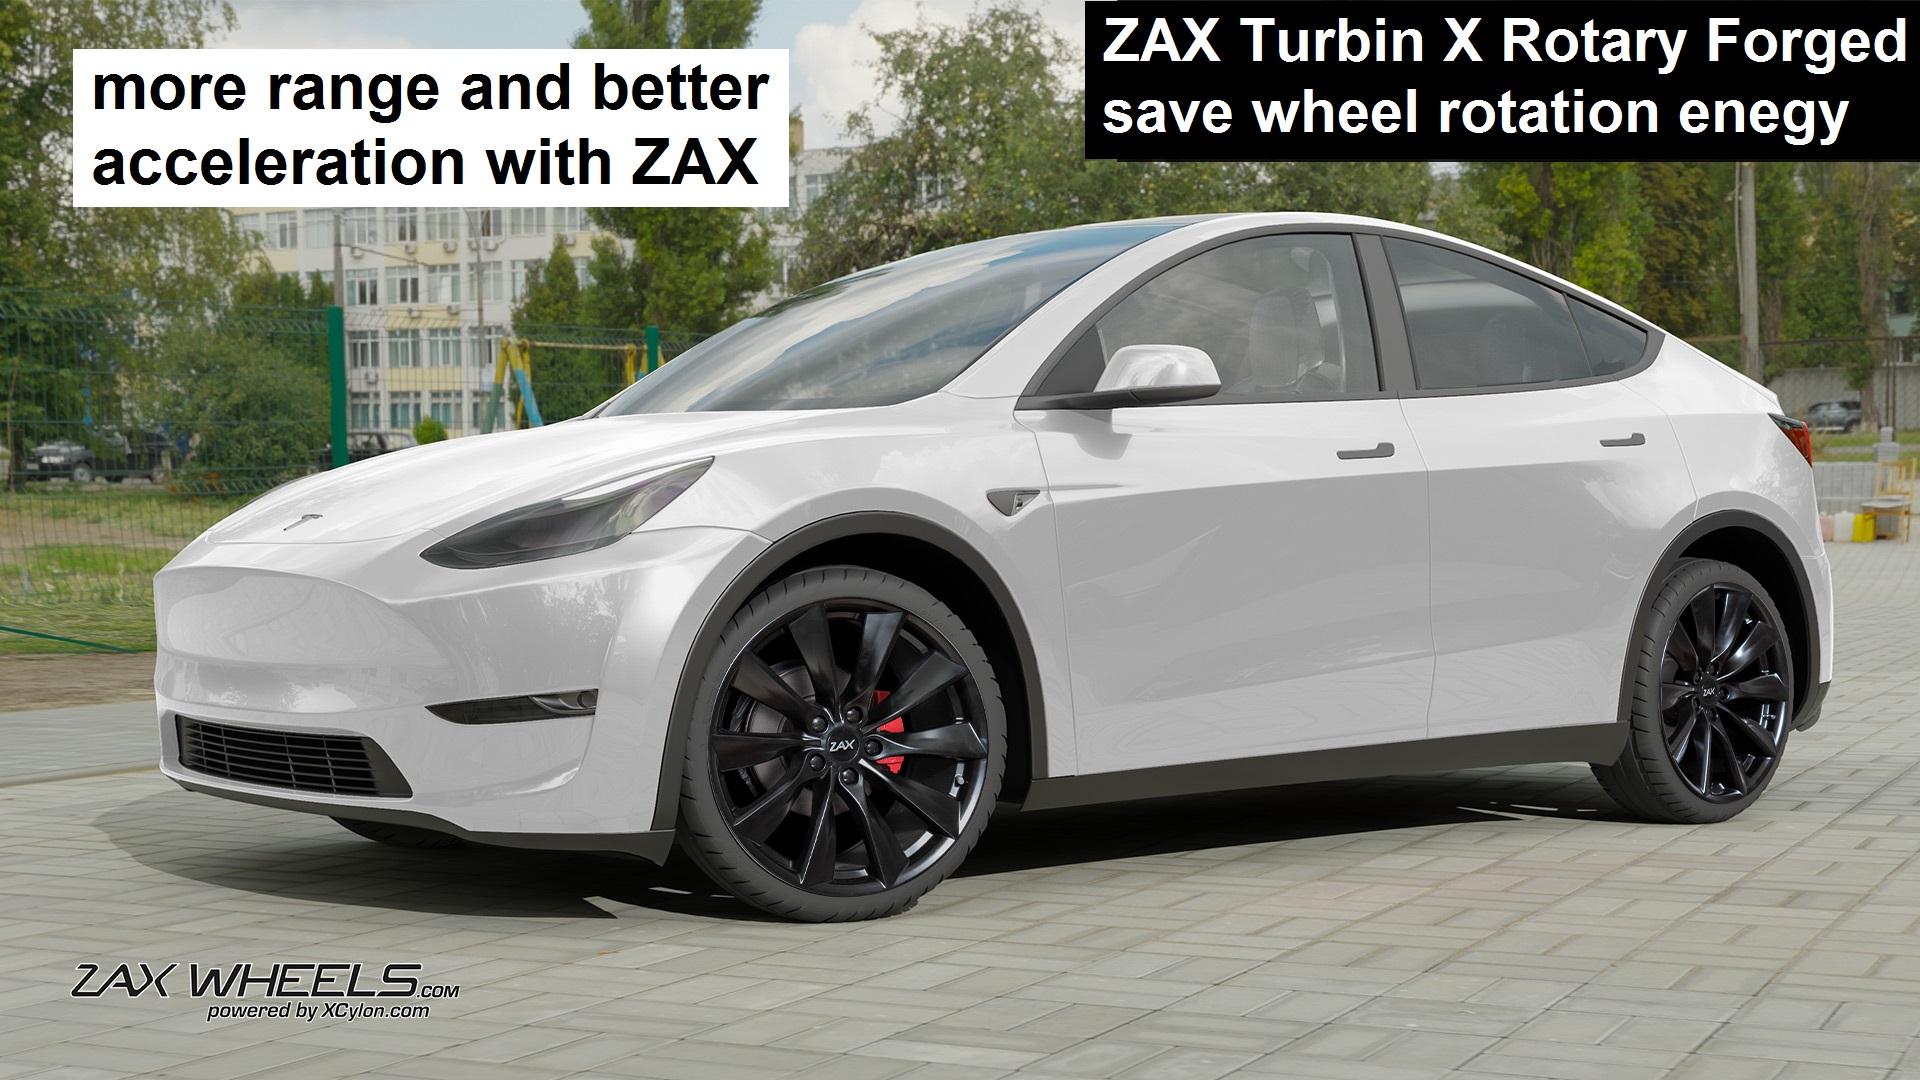 tesla-model-3-wheels-felger-sorte-zax-vinterhjul-winter-wheels